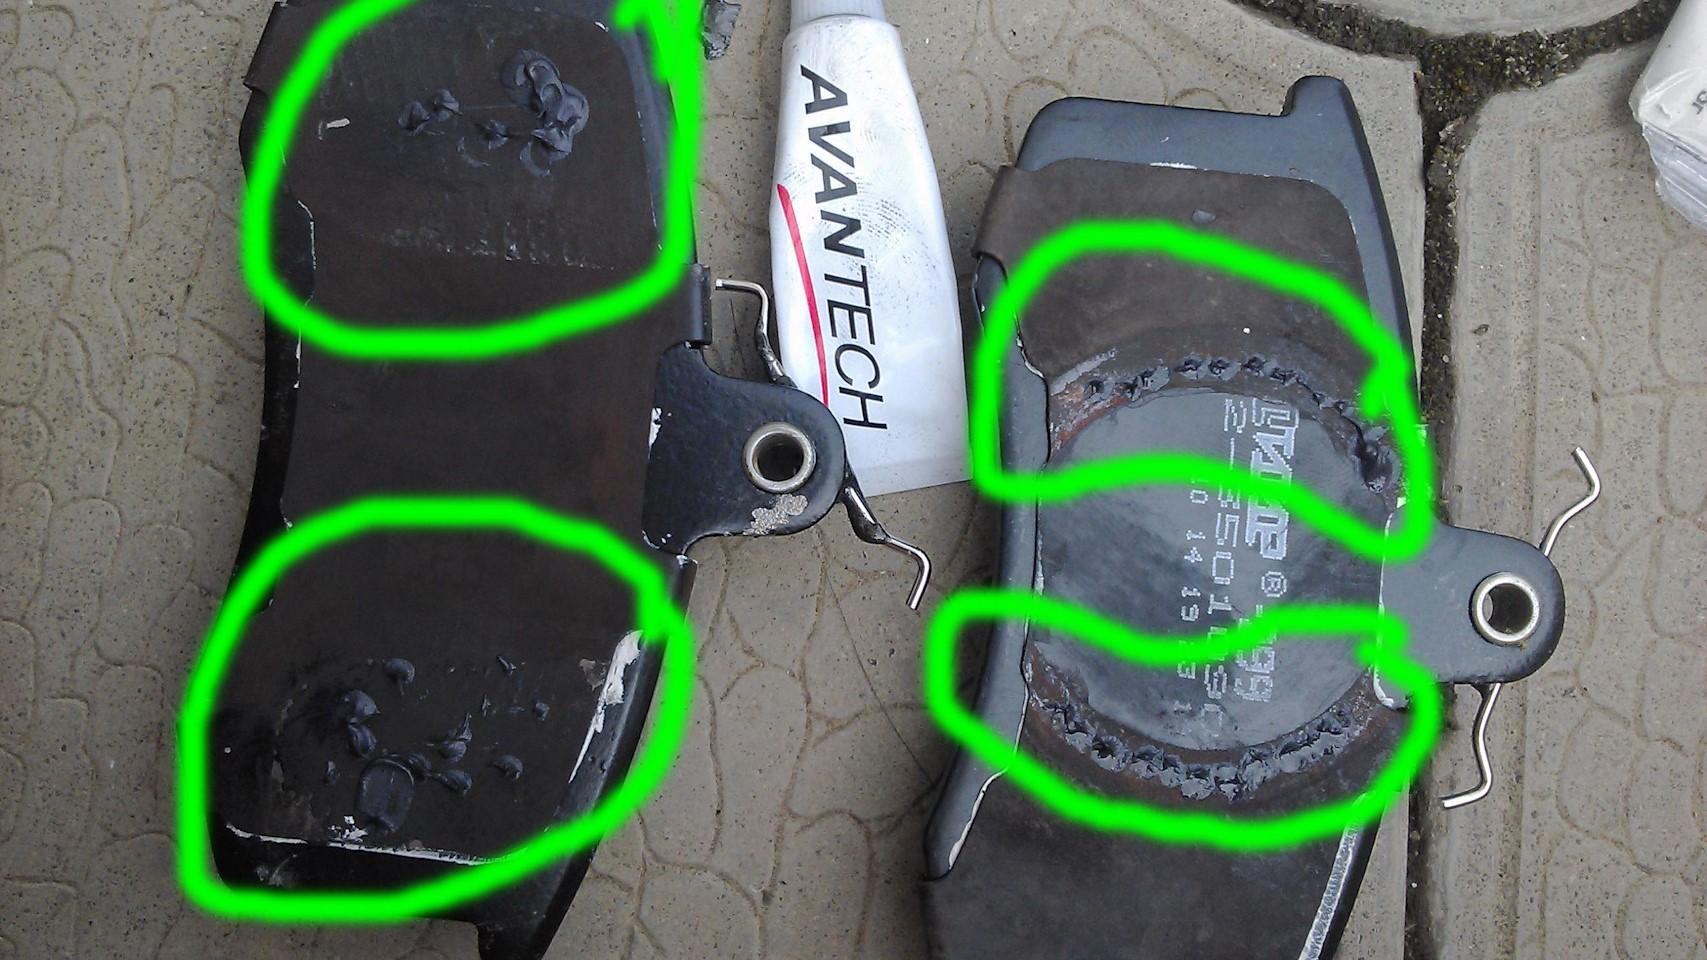 4e8e476s 960 Самостоятельная замена передних тормозных колодок Датсун он До и ми До